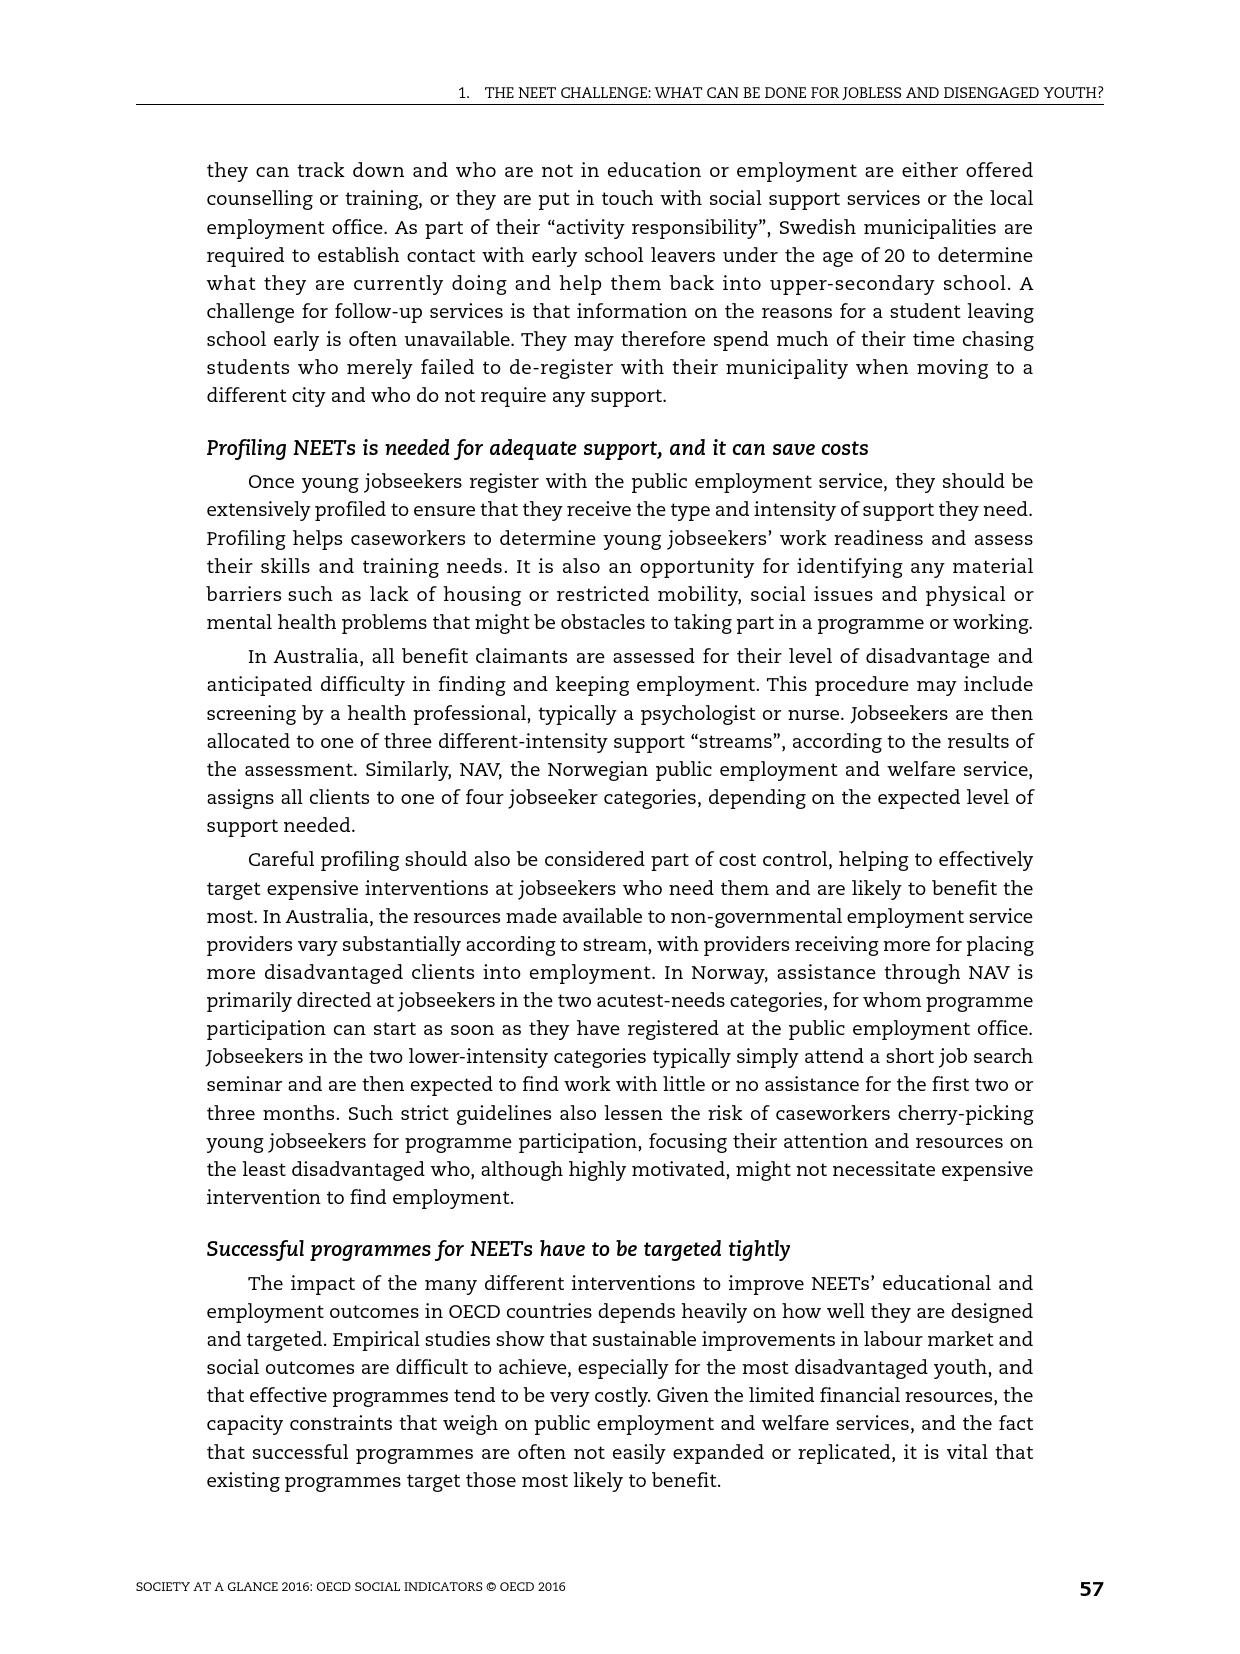 2016年OECD国家社会概览报告_000059